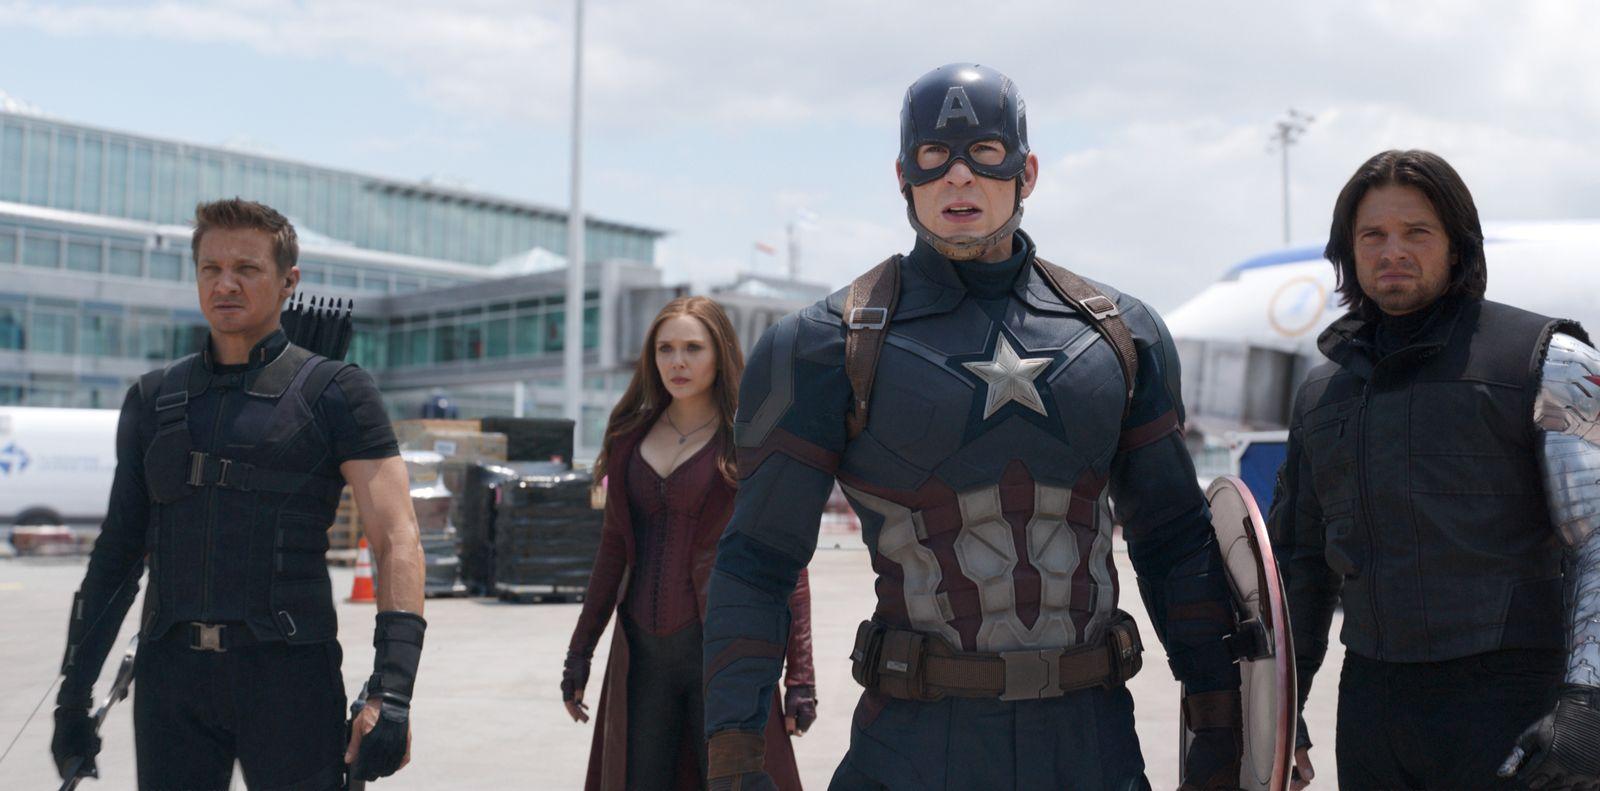 Recenzia filmu Captain America: Občianska vojna